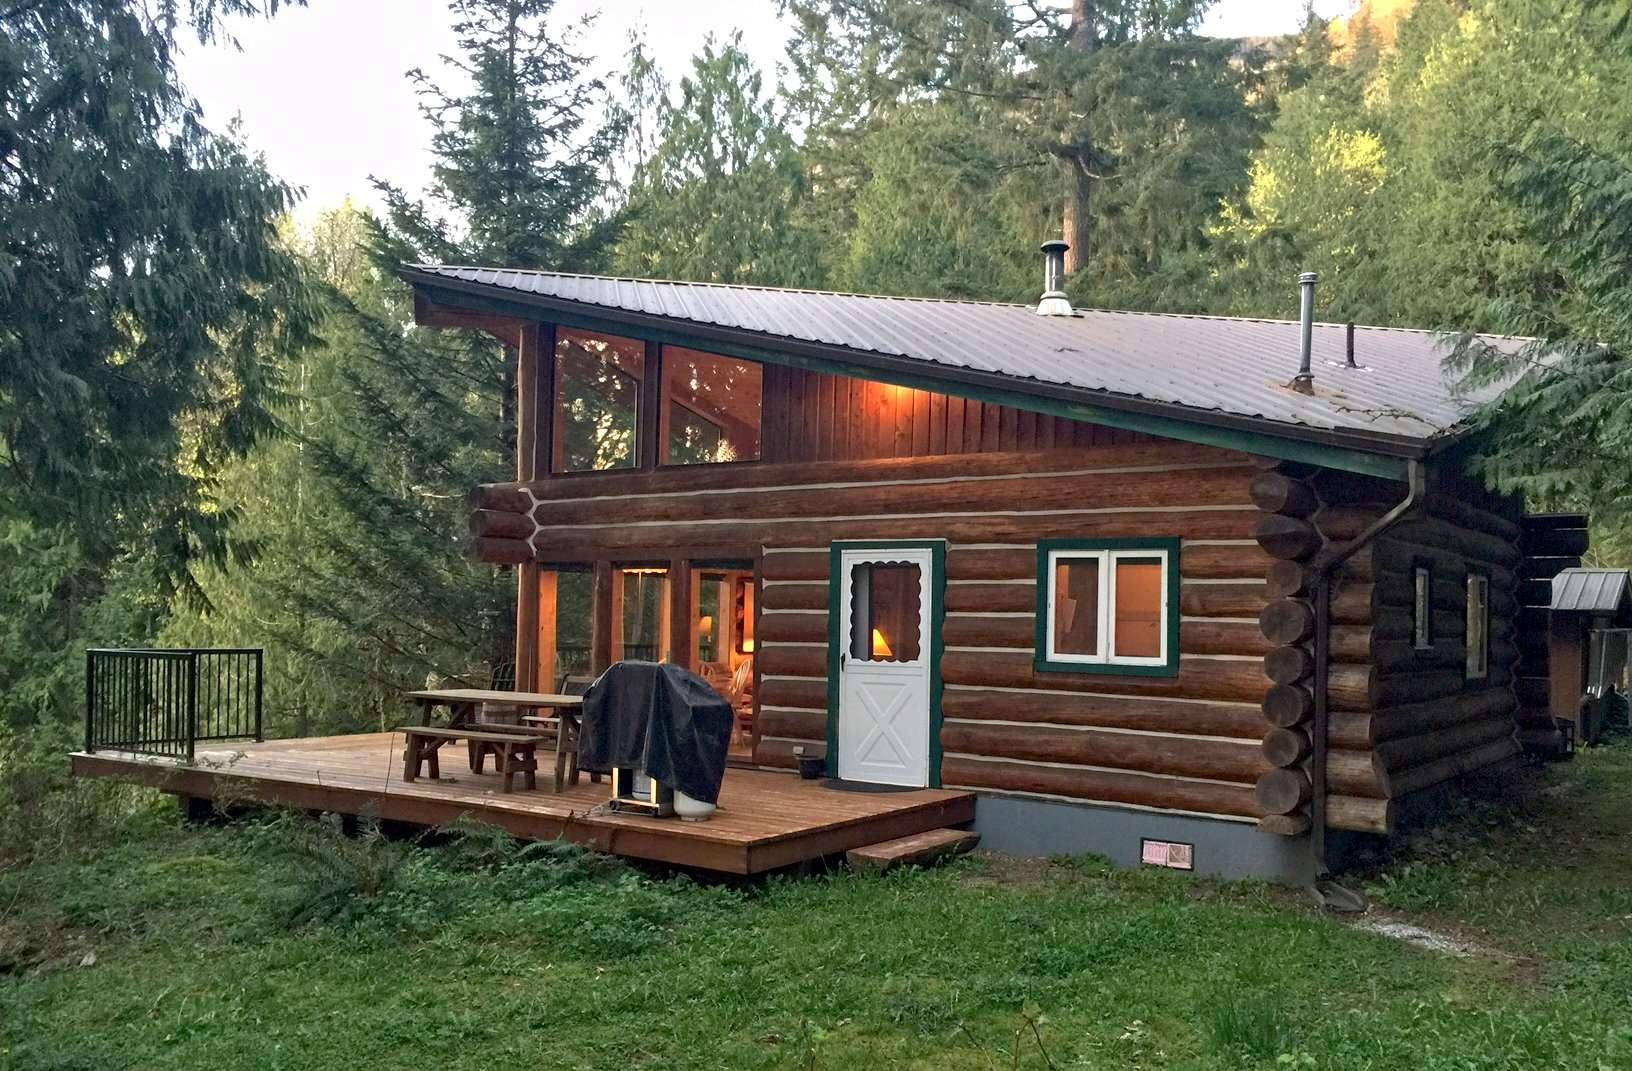 Mt baker lodging cabin 97 mt baker lodging wa 30 for Mount baker cabins